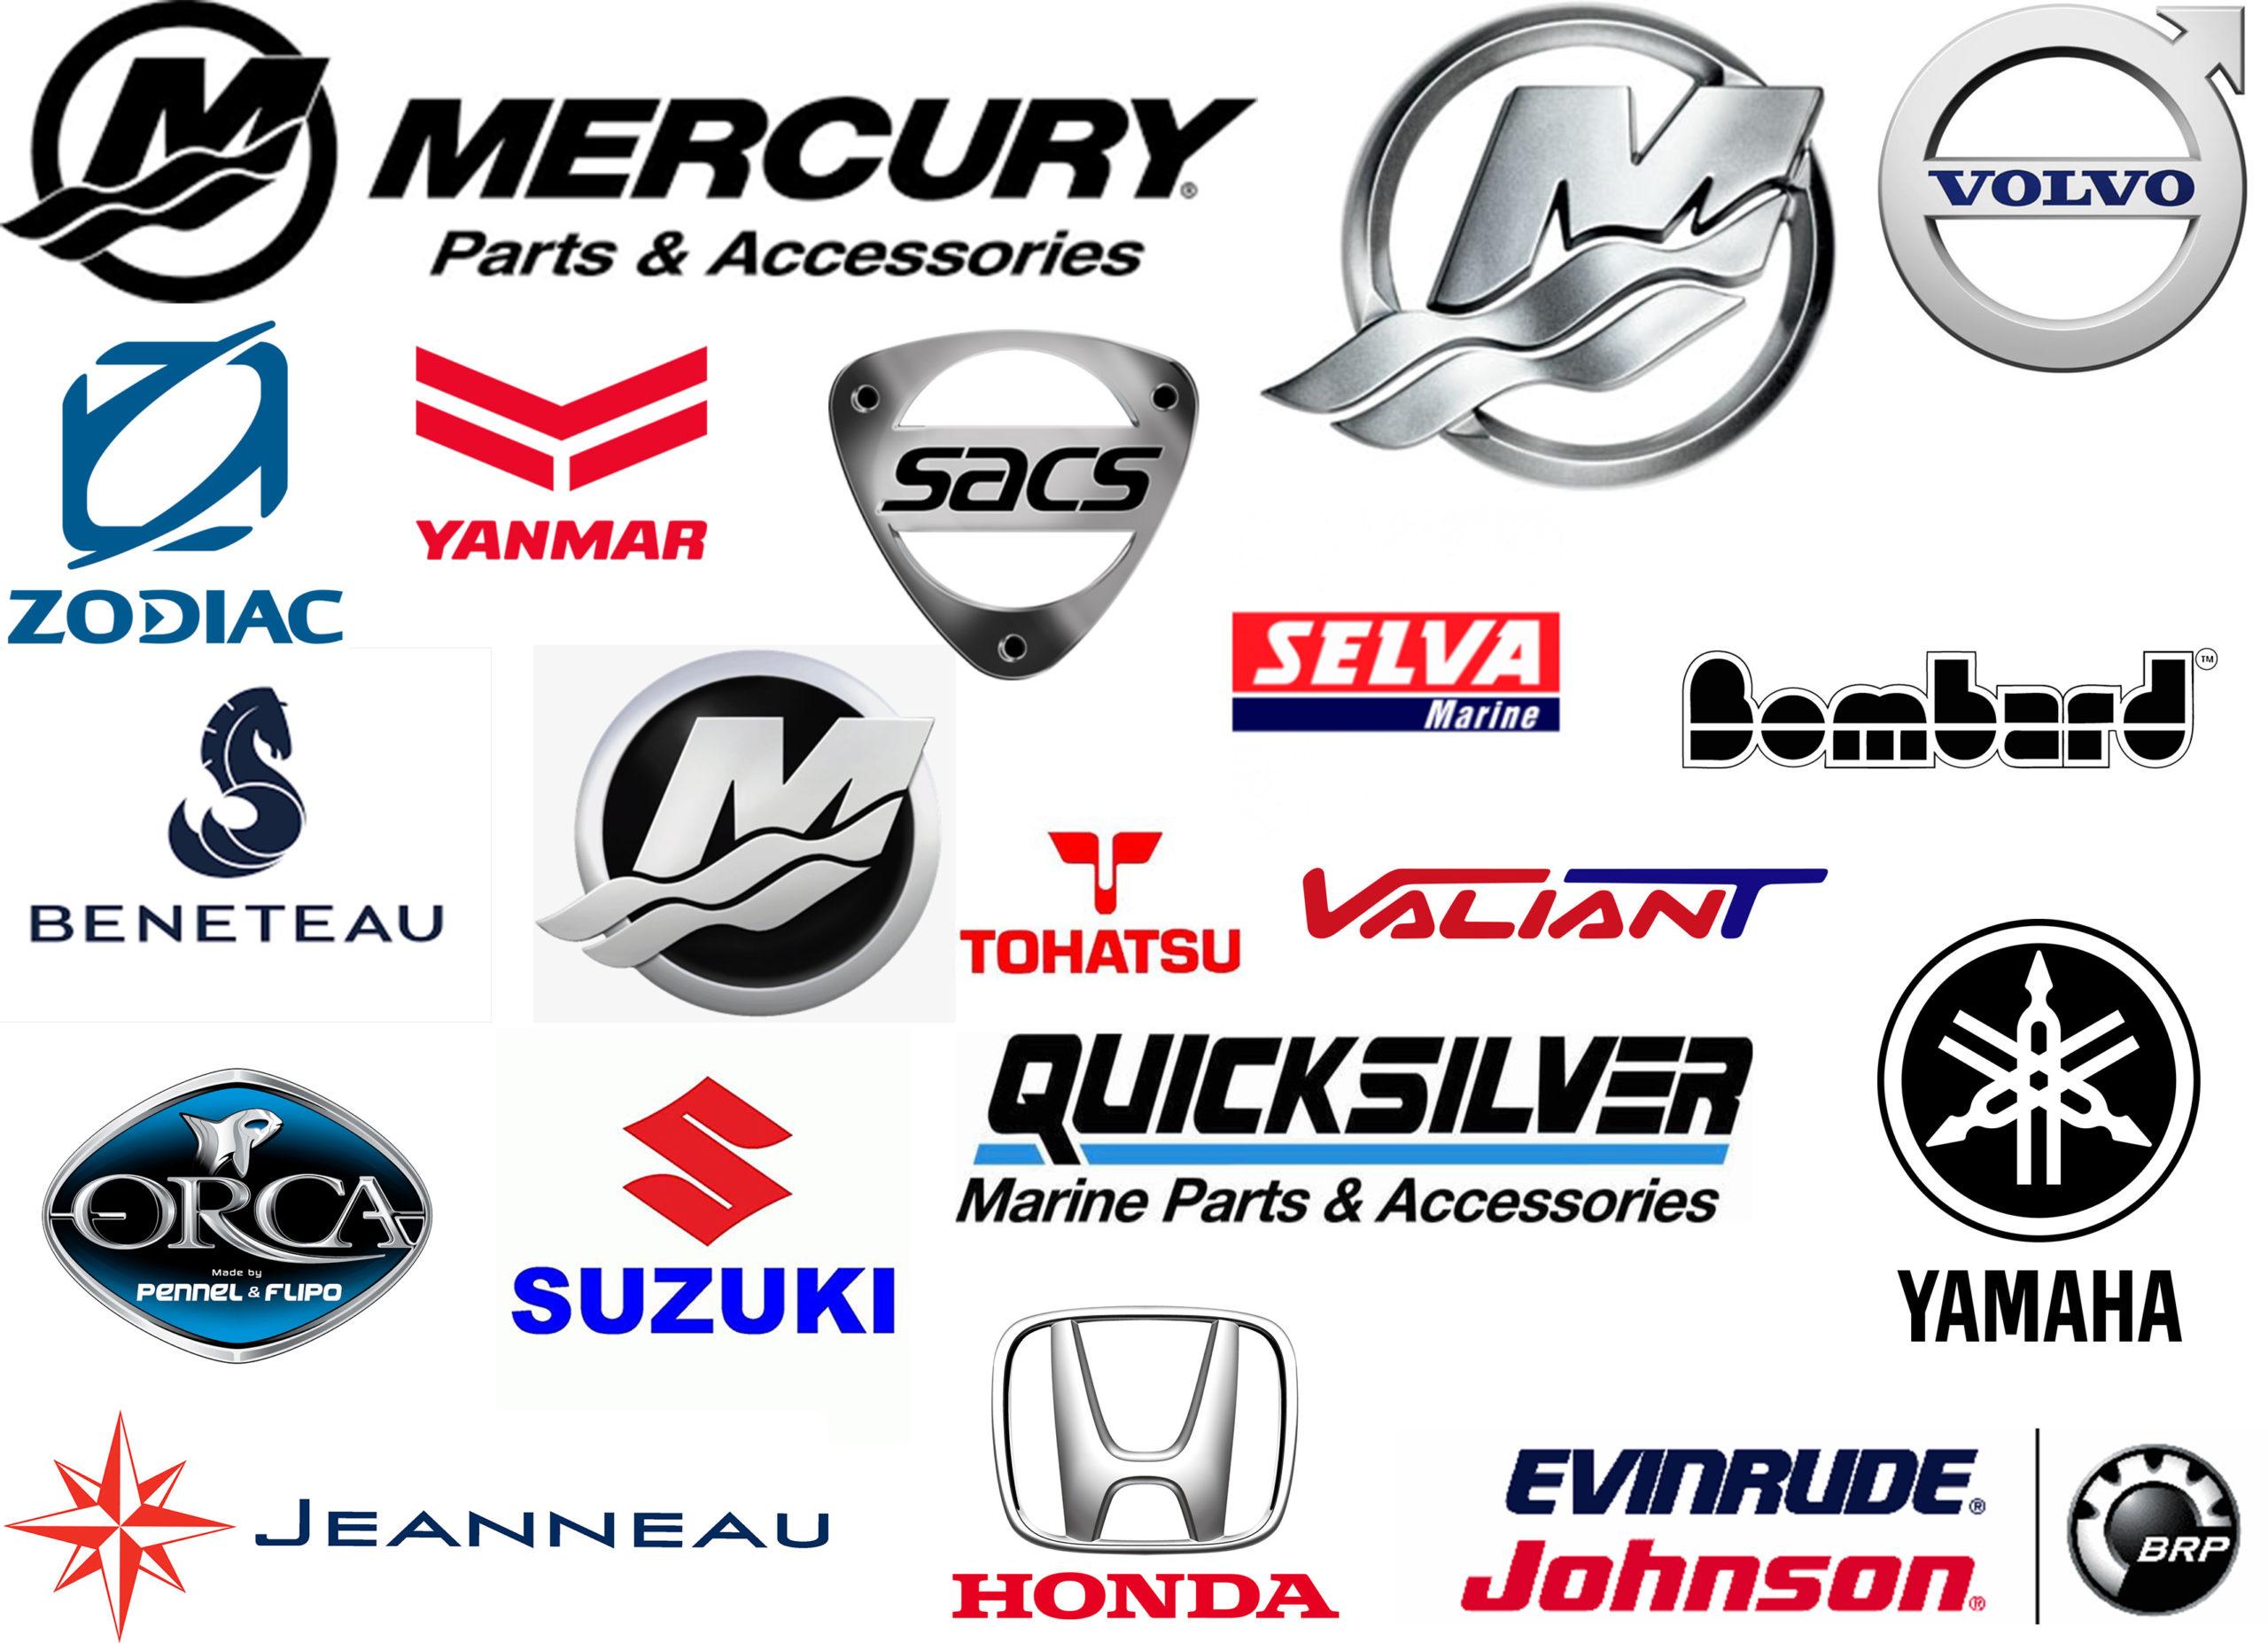 Vente, entretien, réparation bateau, moteur, pièces détachées toutes marques